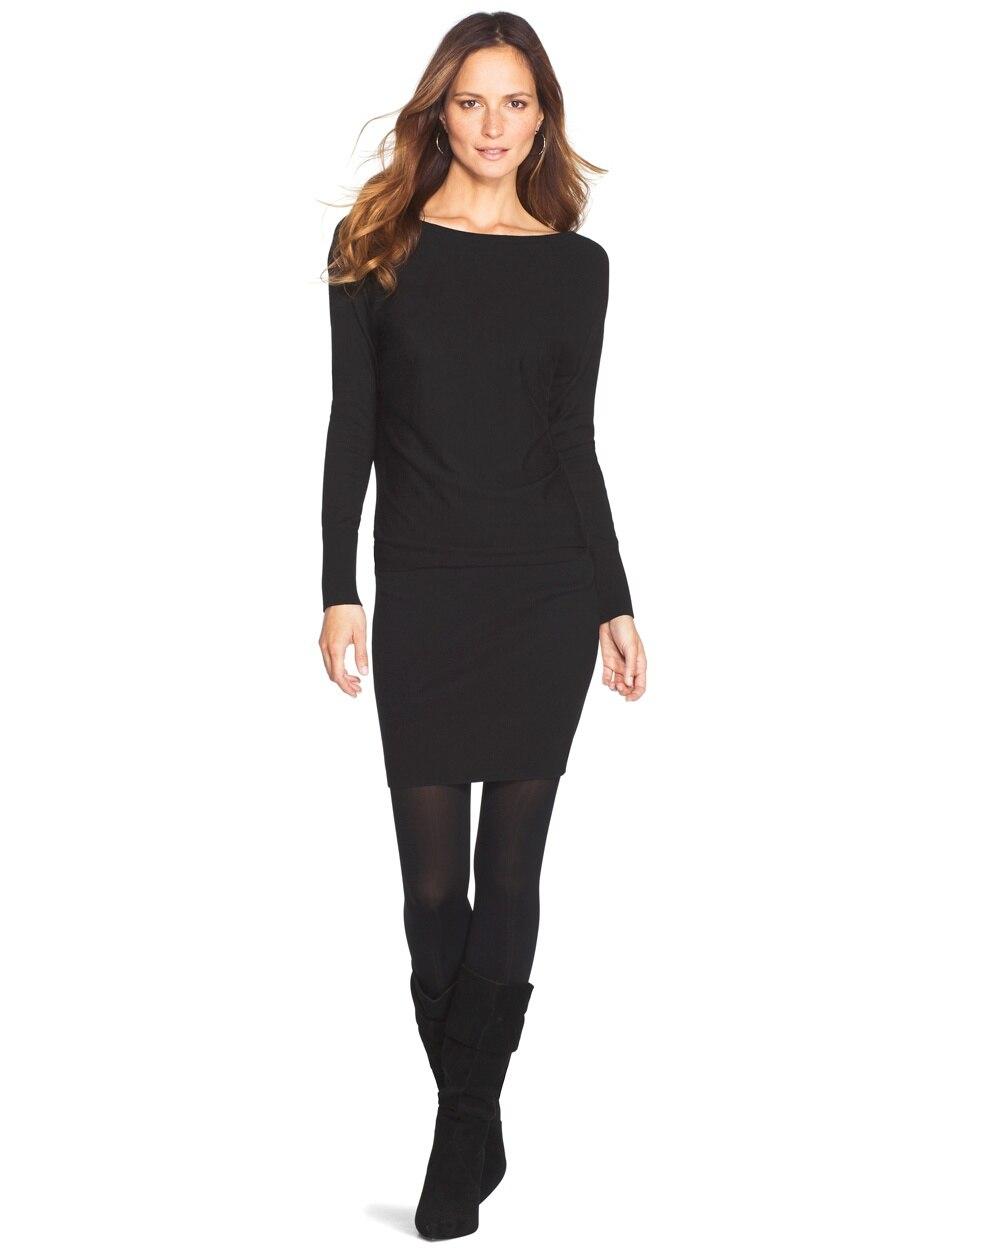 fa03d427588 Tunic Sweater Dress - White House Black Market